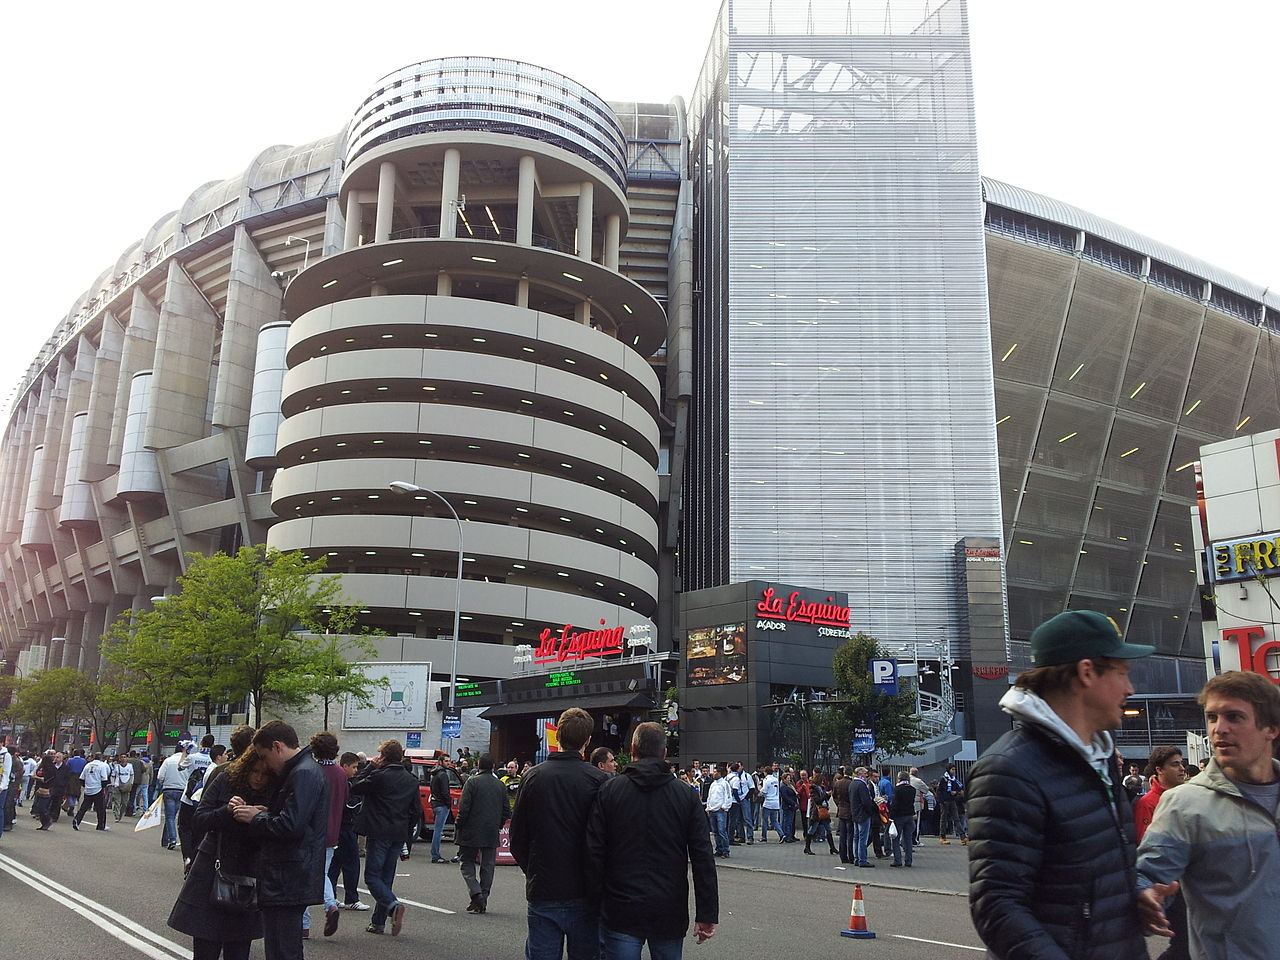 Стадион Сантьяго Бернабеу, центральный вход